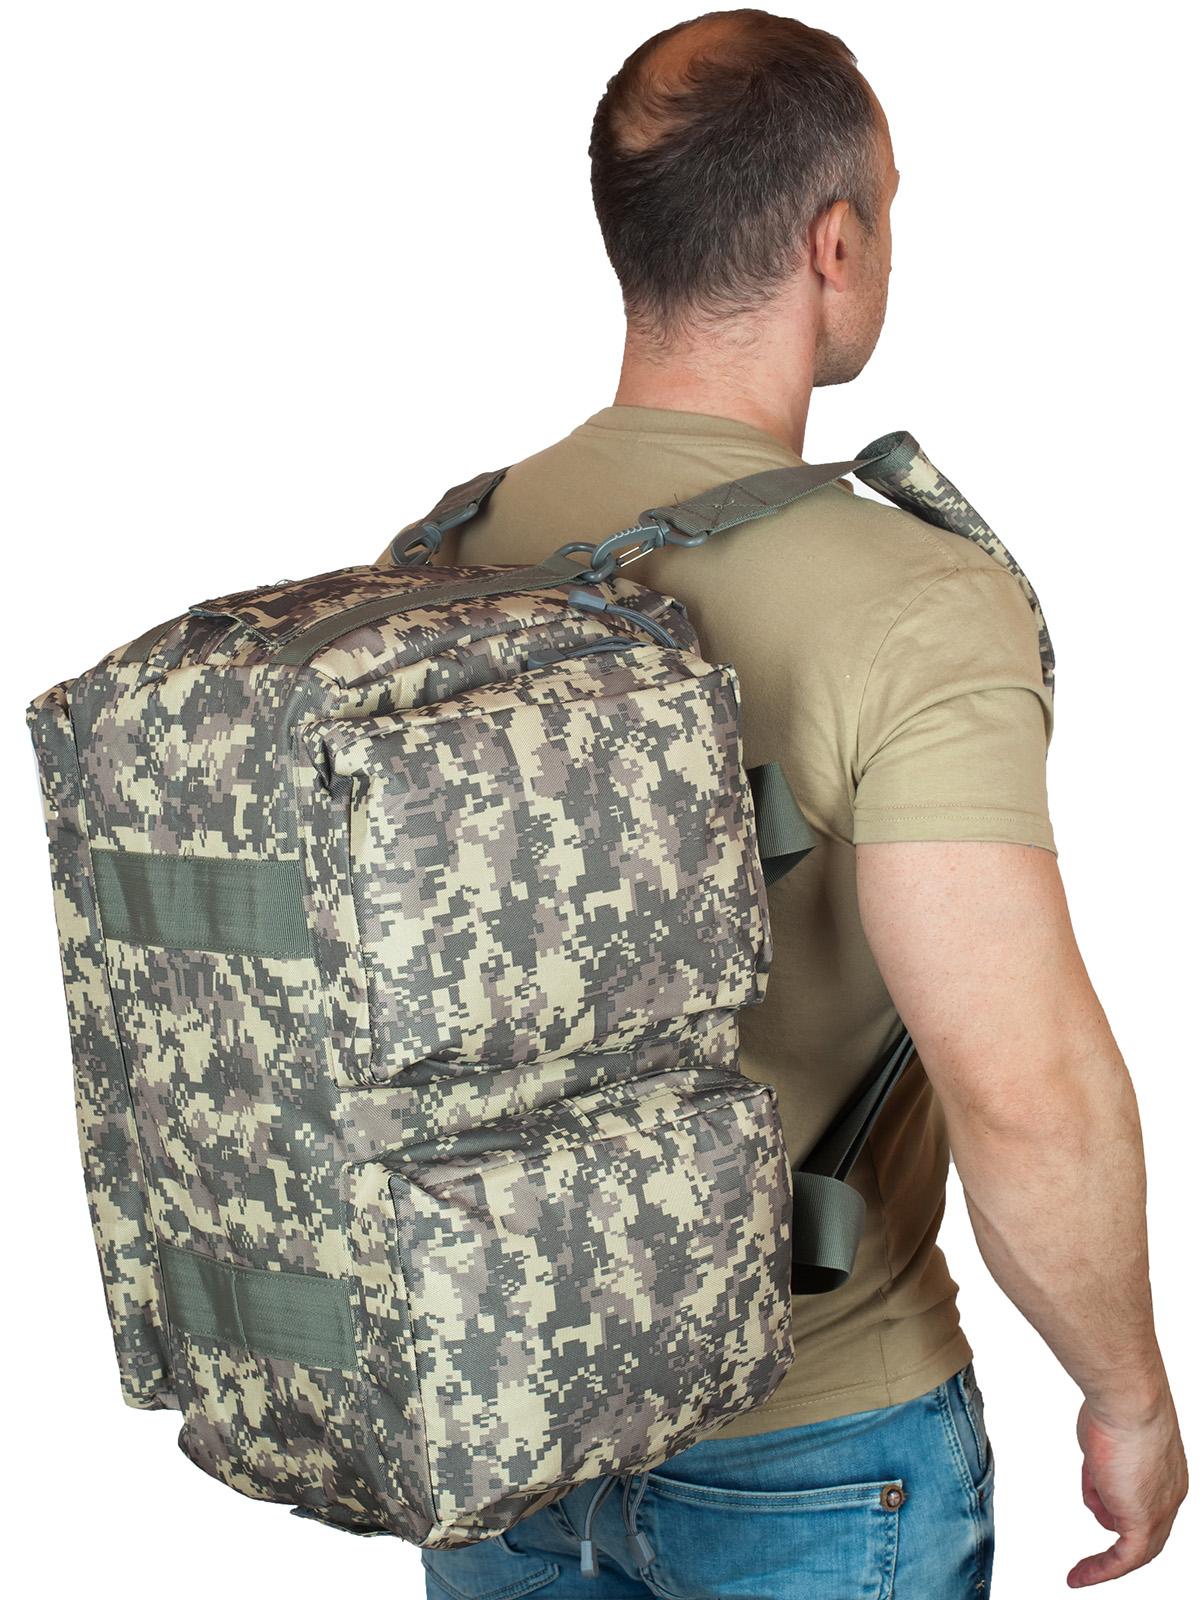 Купить походную камуфляжную сумку с нашивкой Росгвардия с доставкой или самовывозом